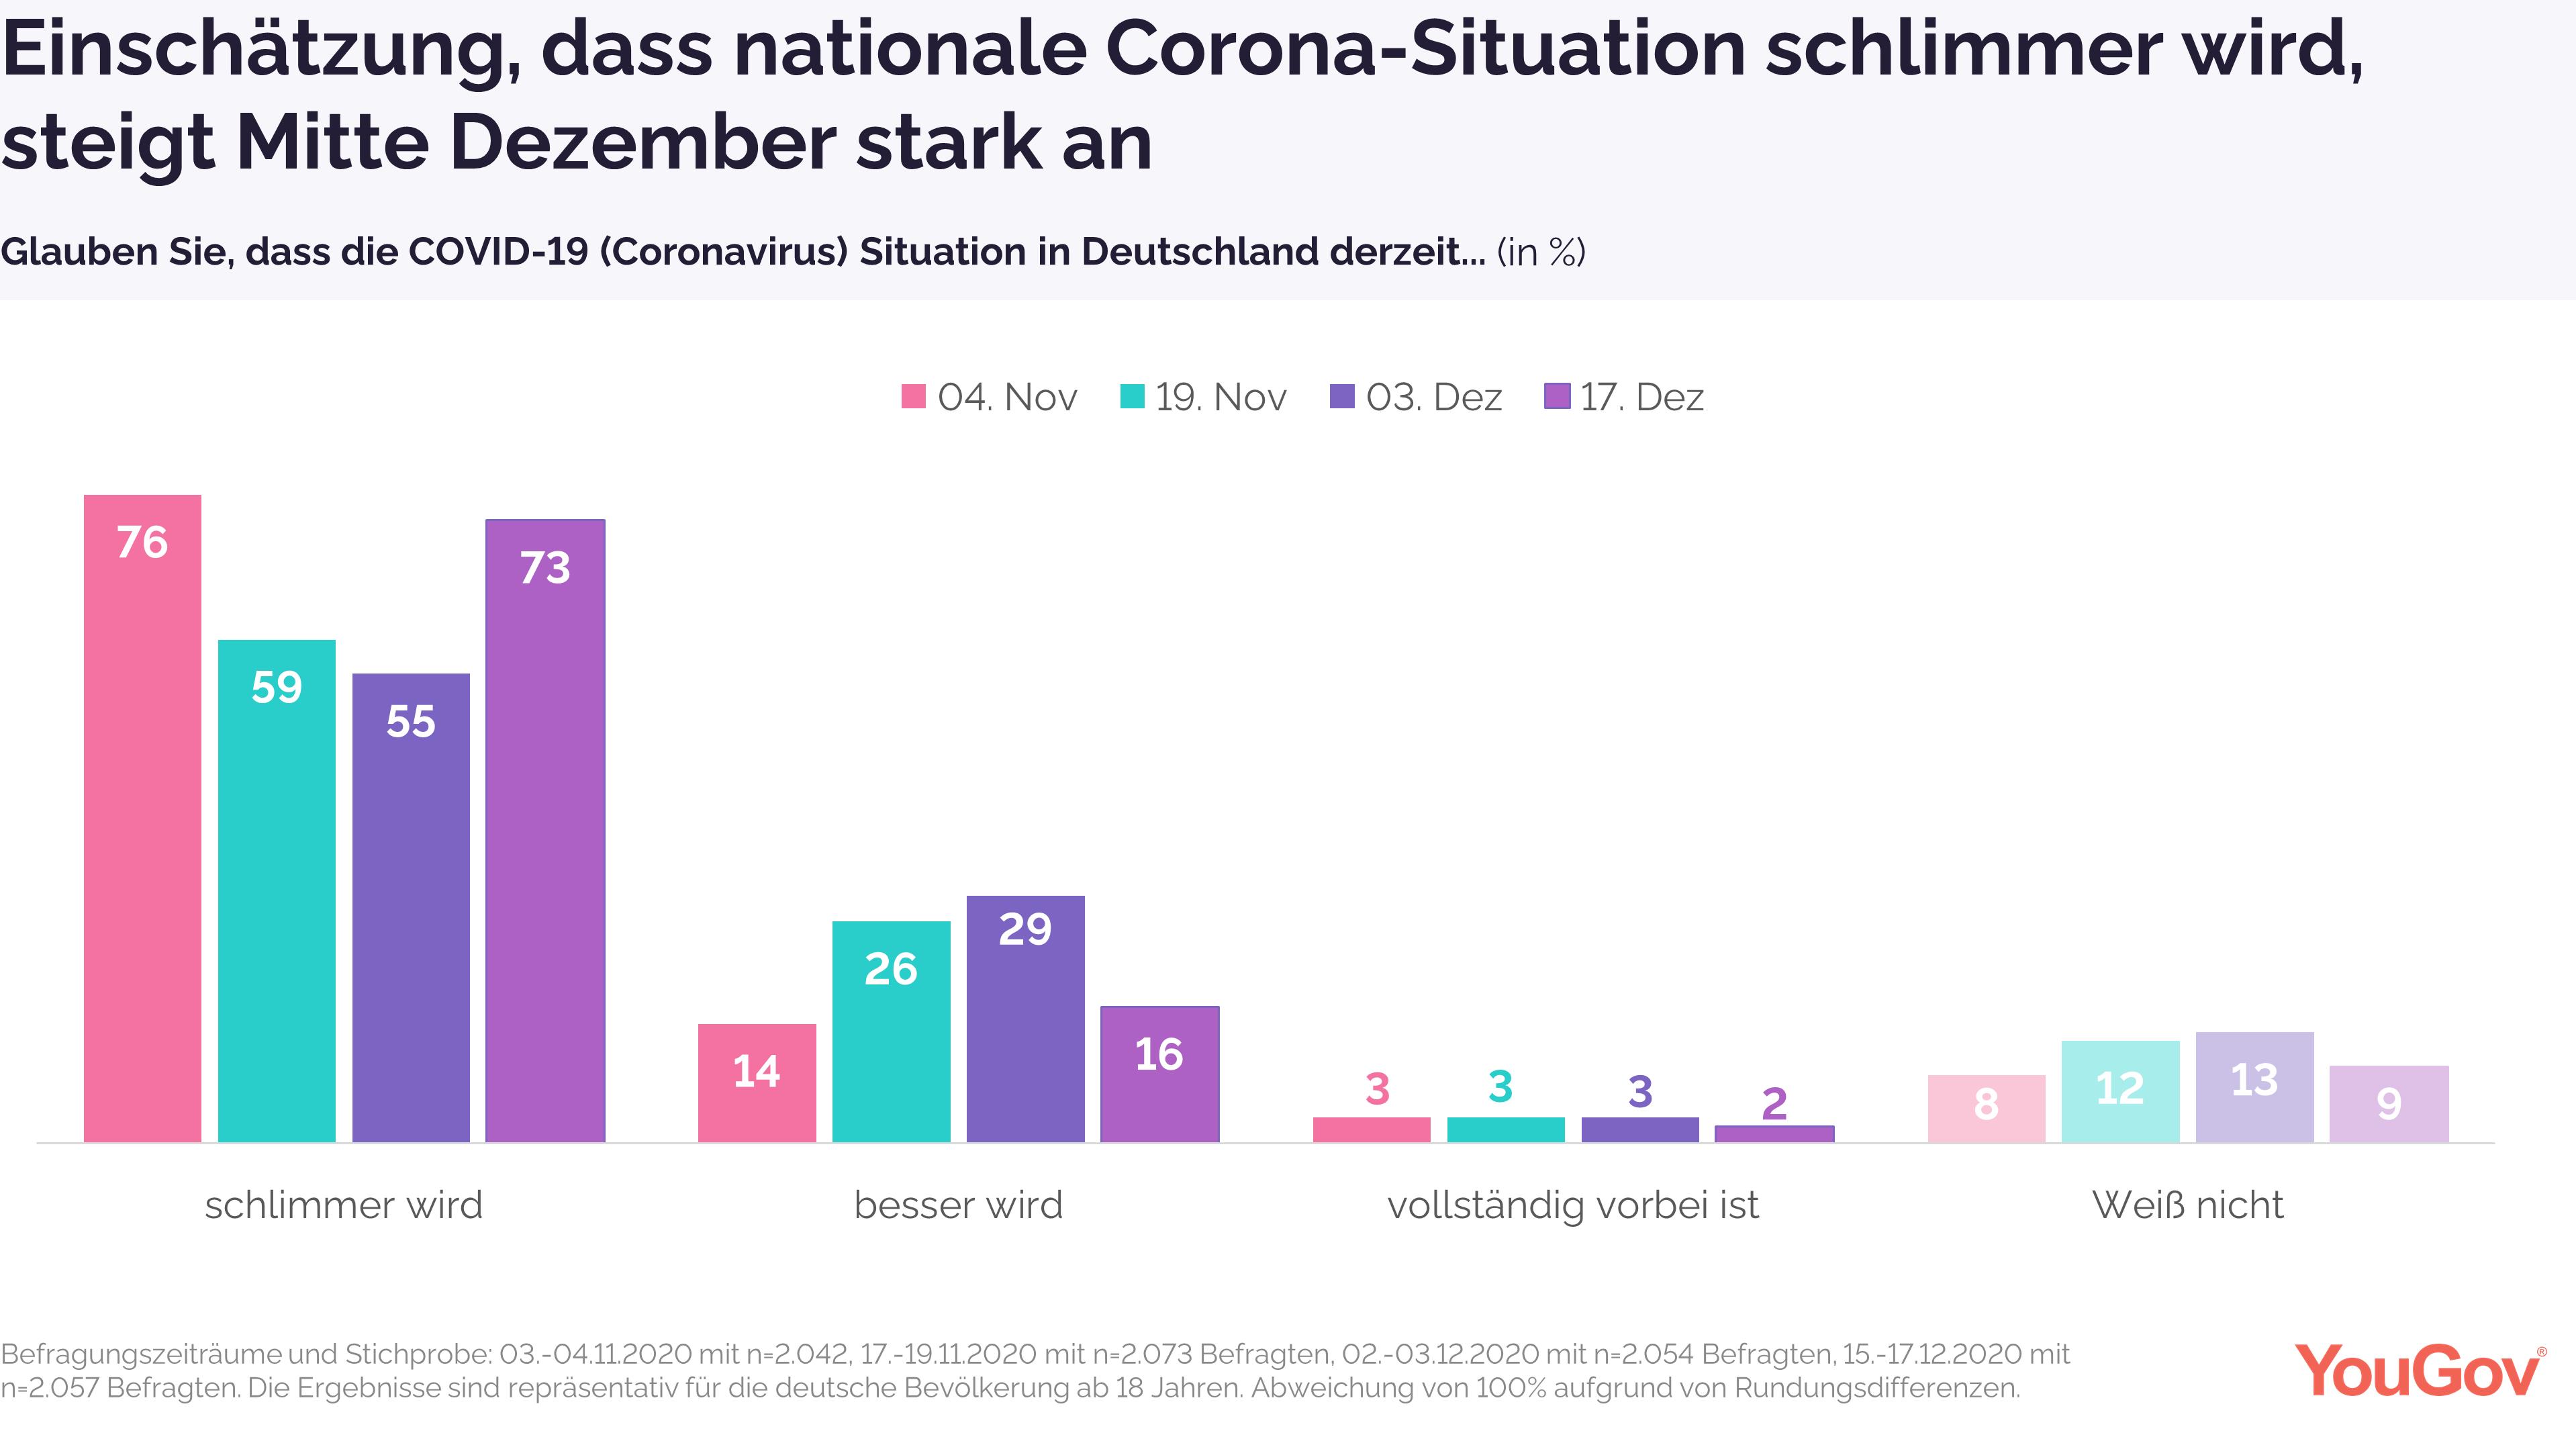 Laut Deutschen verschlechtert sich nationale Lage